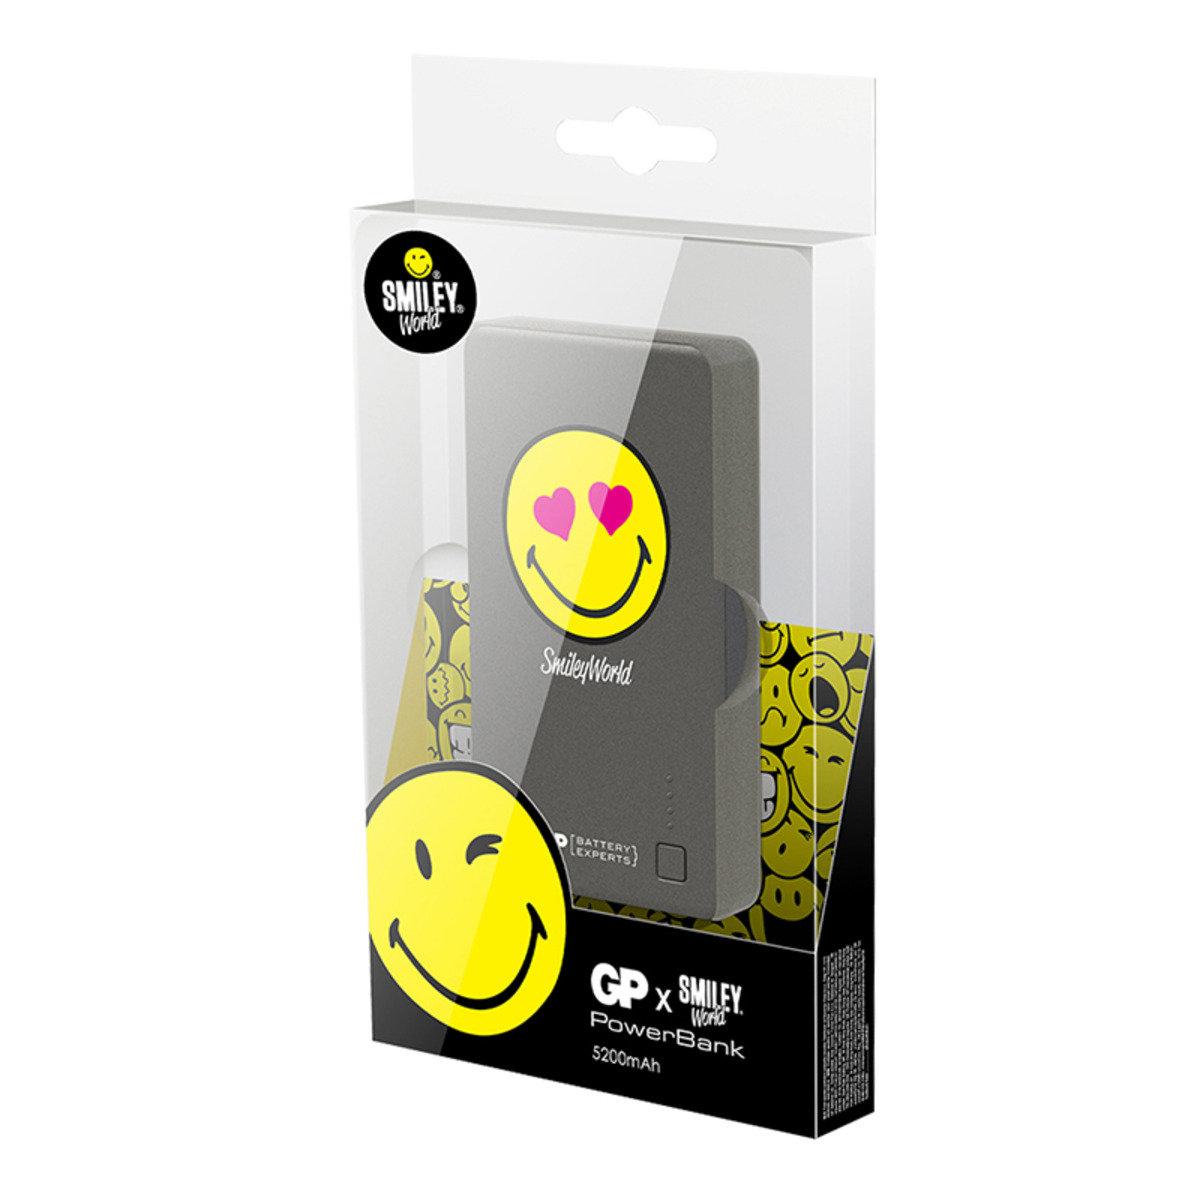 Smiley® x GP特別版 儲電寶 352PB 5200mAh - Heart Eye